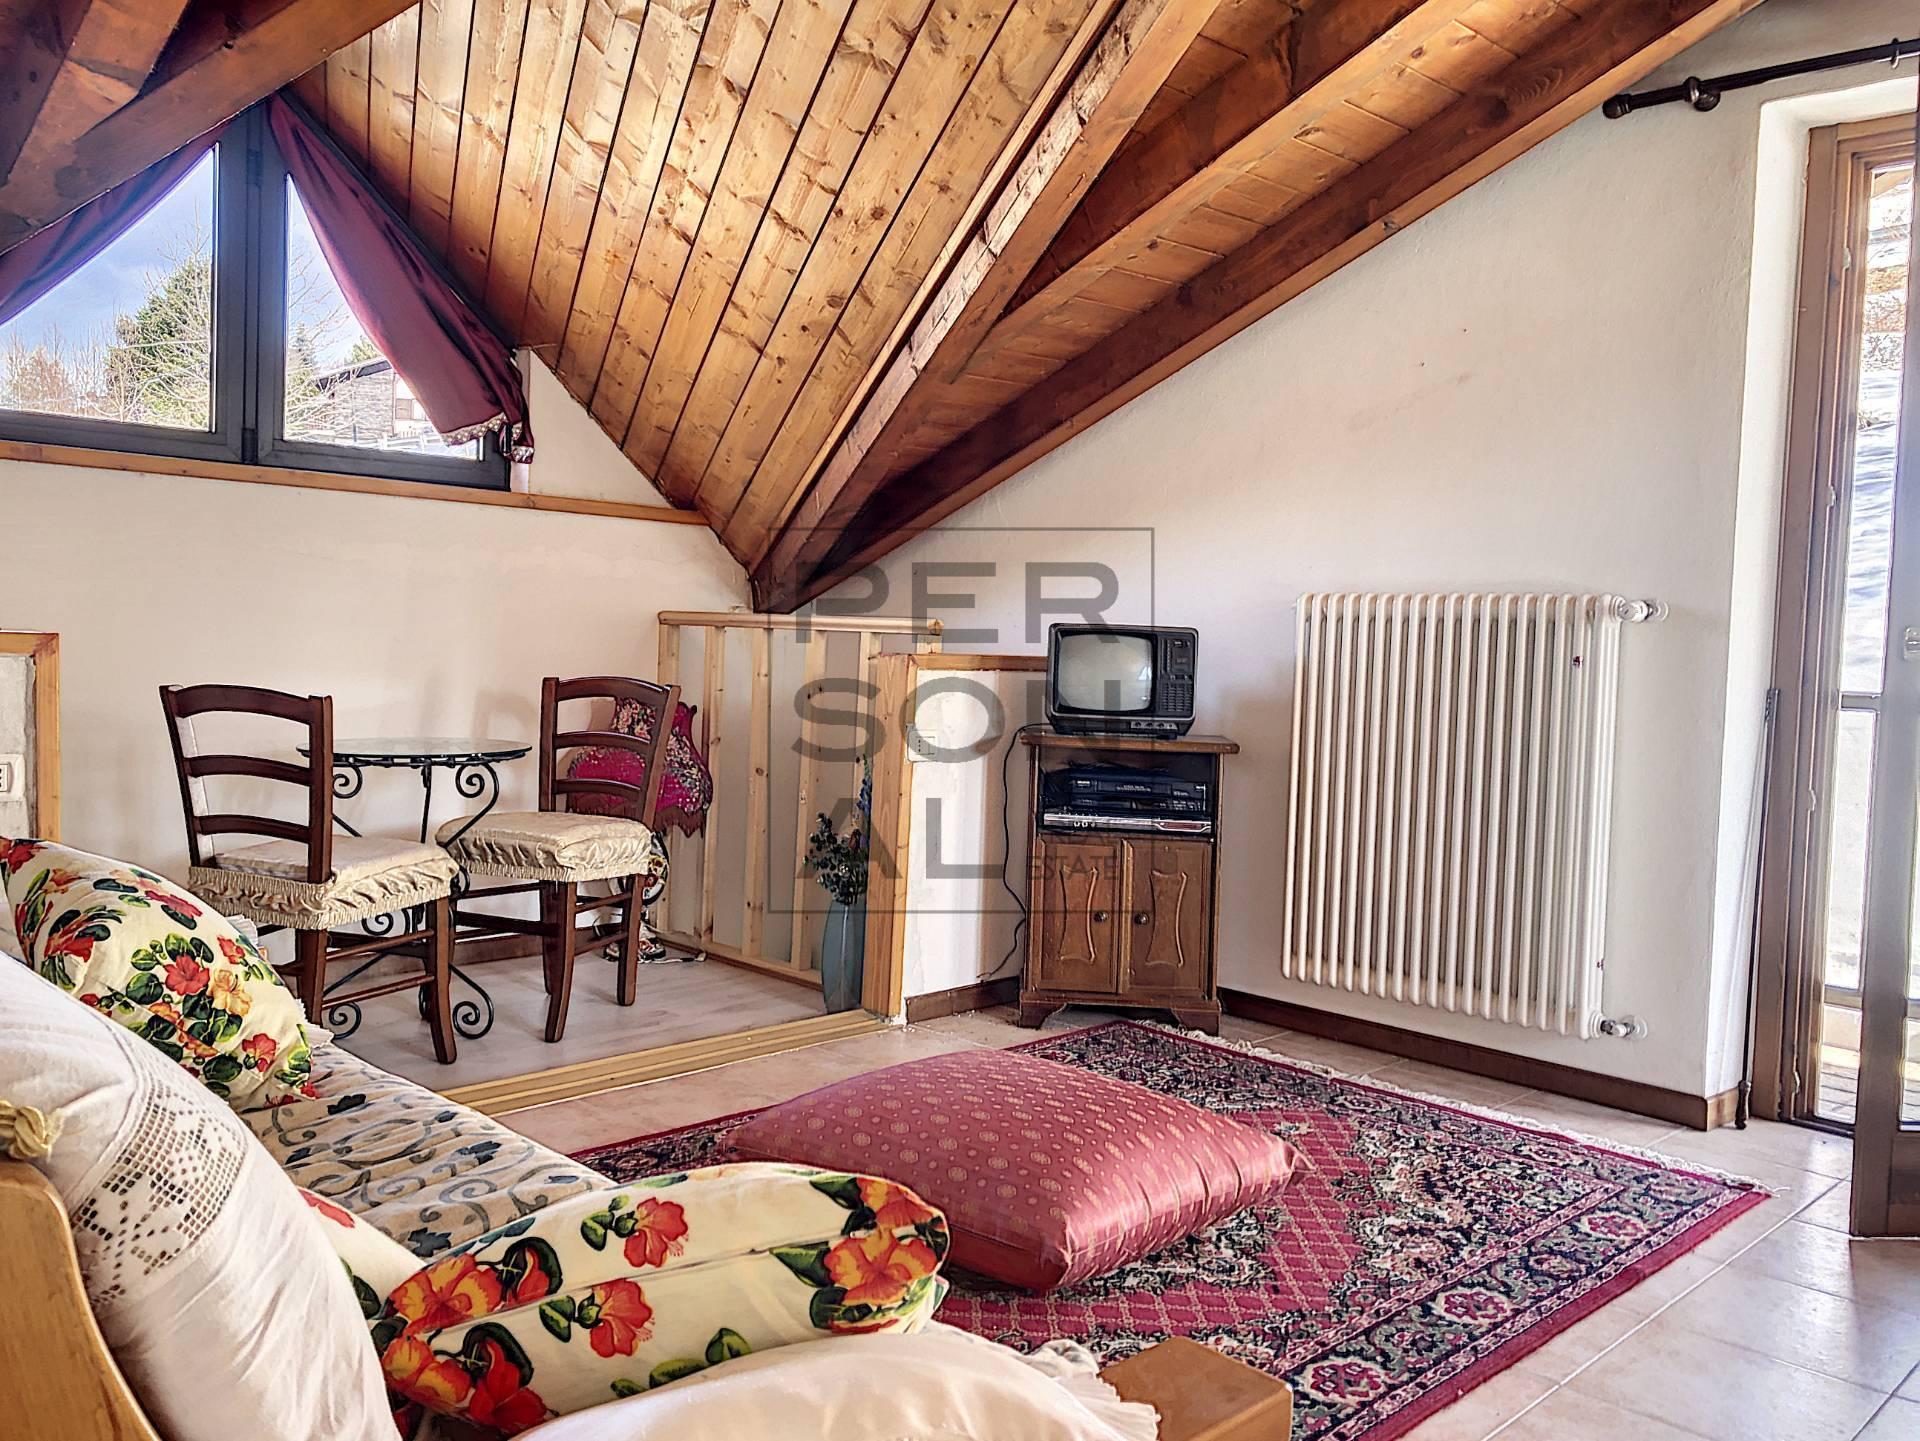 Appartamento in vendita a Brentonico, 5 locali, zona Località: Polsa, prezzo € 145.000 | CambioCasa.it